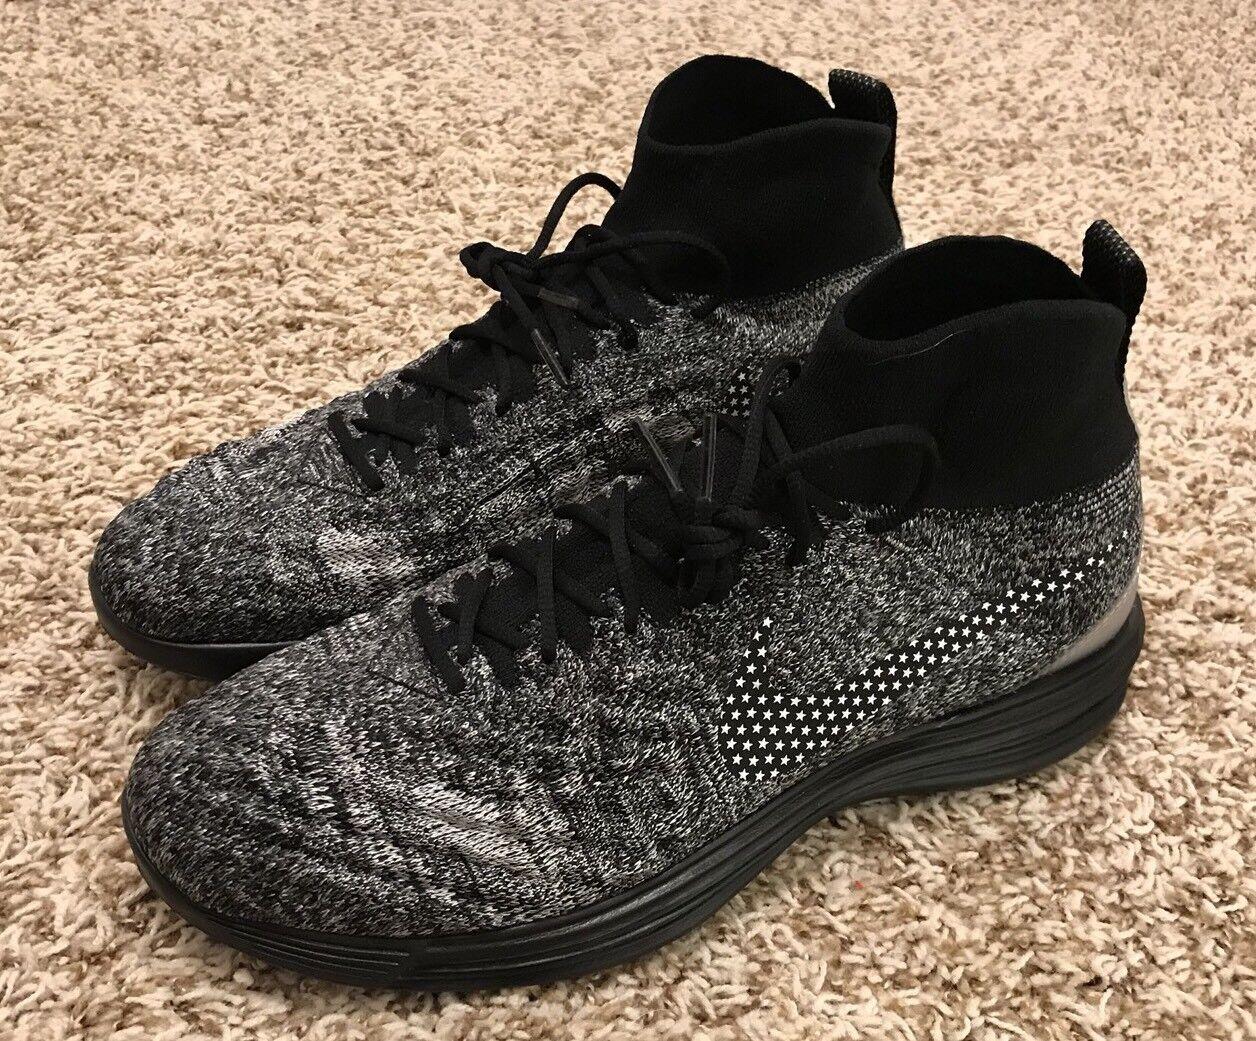 New Nike Lunar Magista II Flyknit FC Men's Size 11 - Athletic Sneakers (876385)